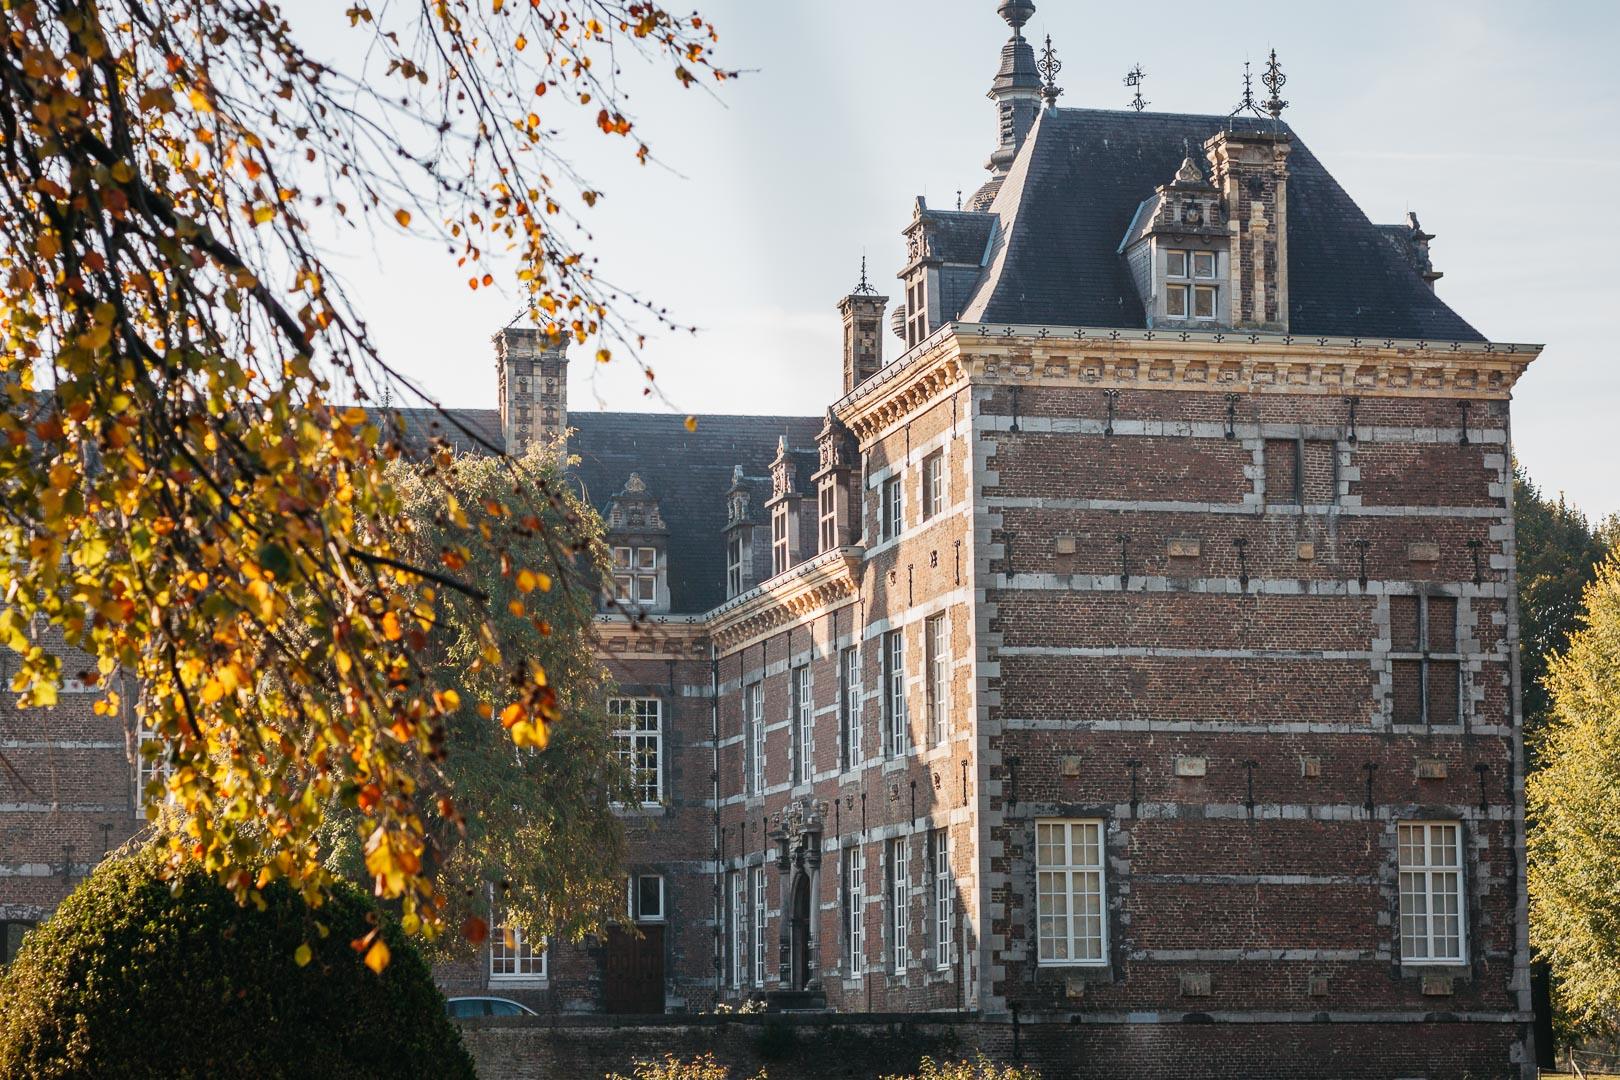 Eijsden Castle